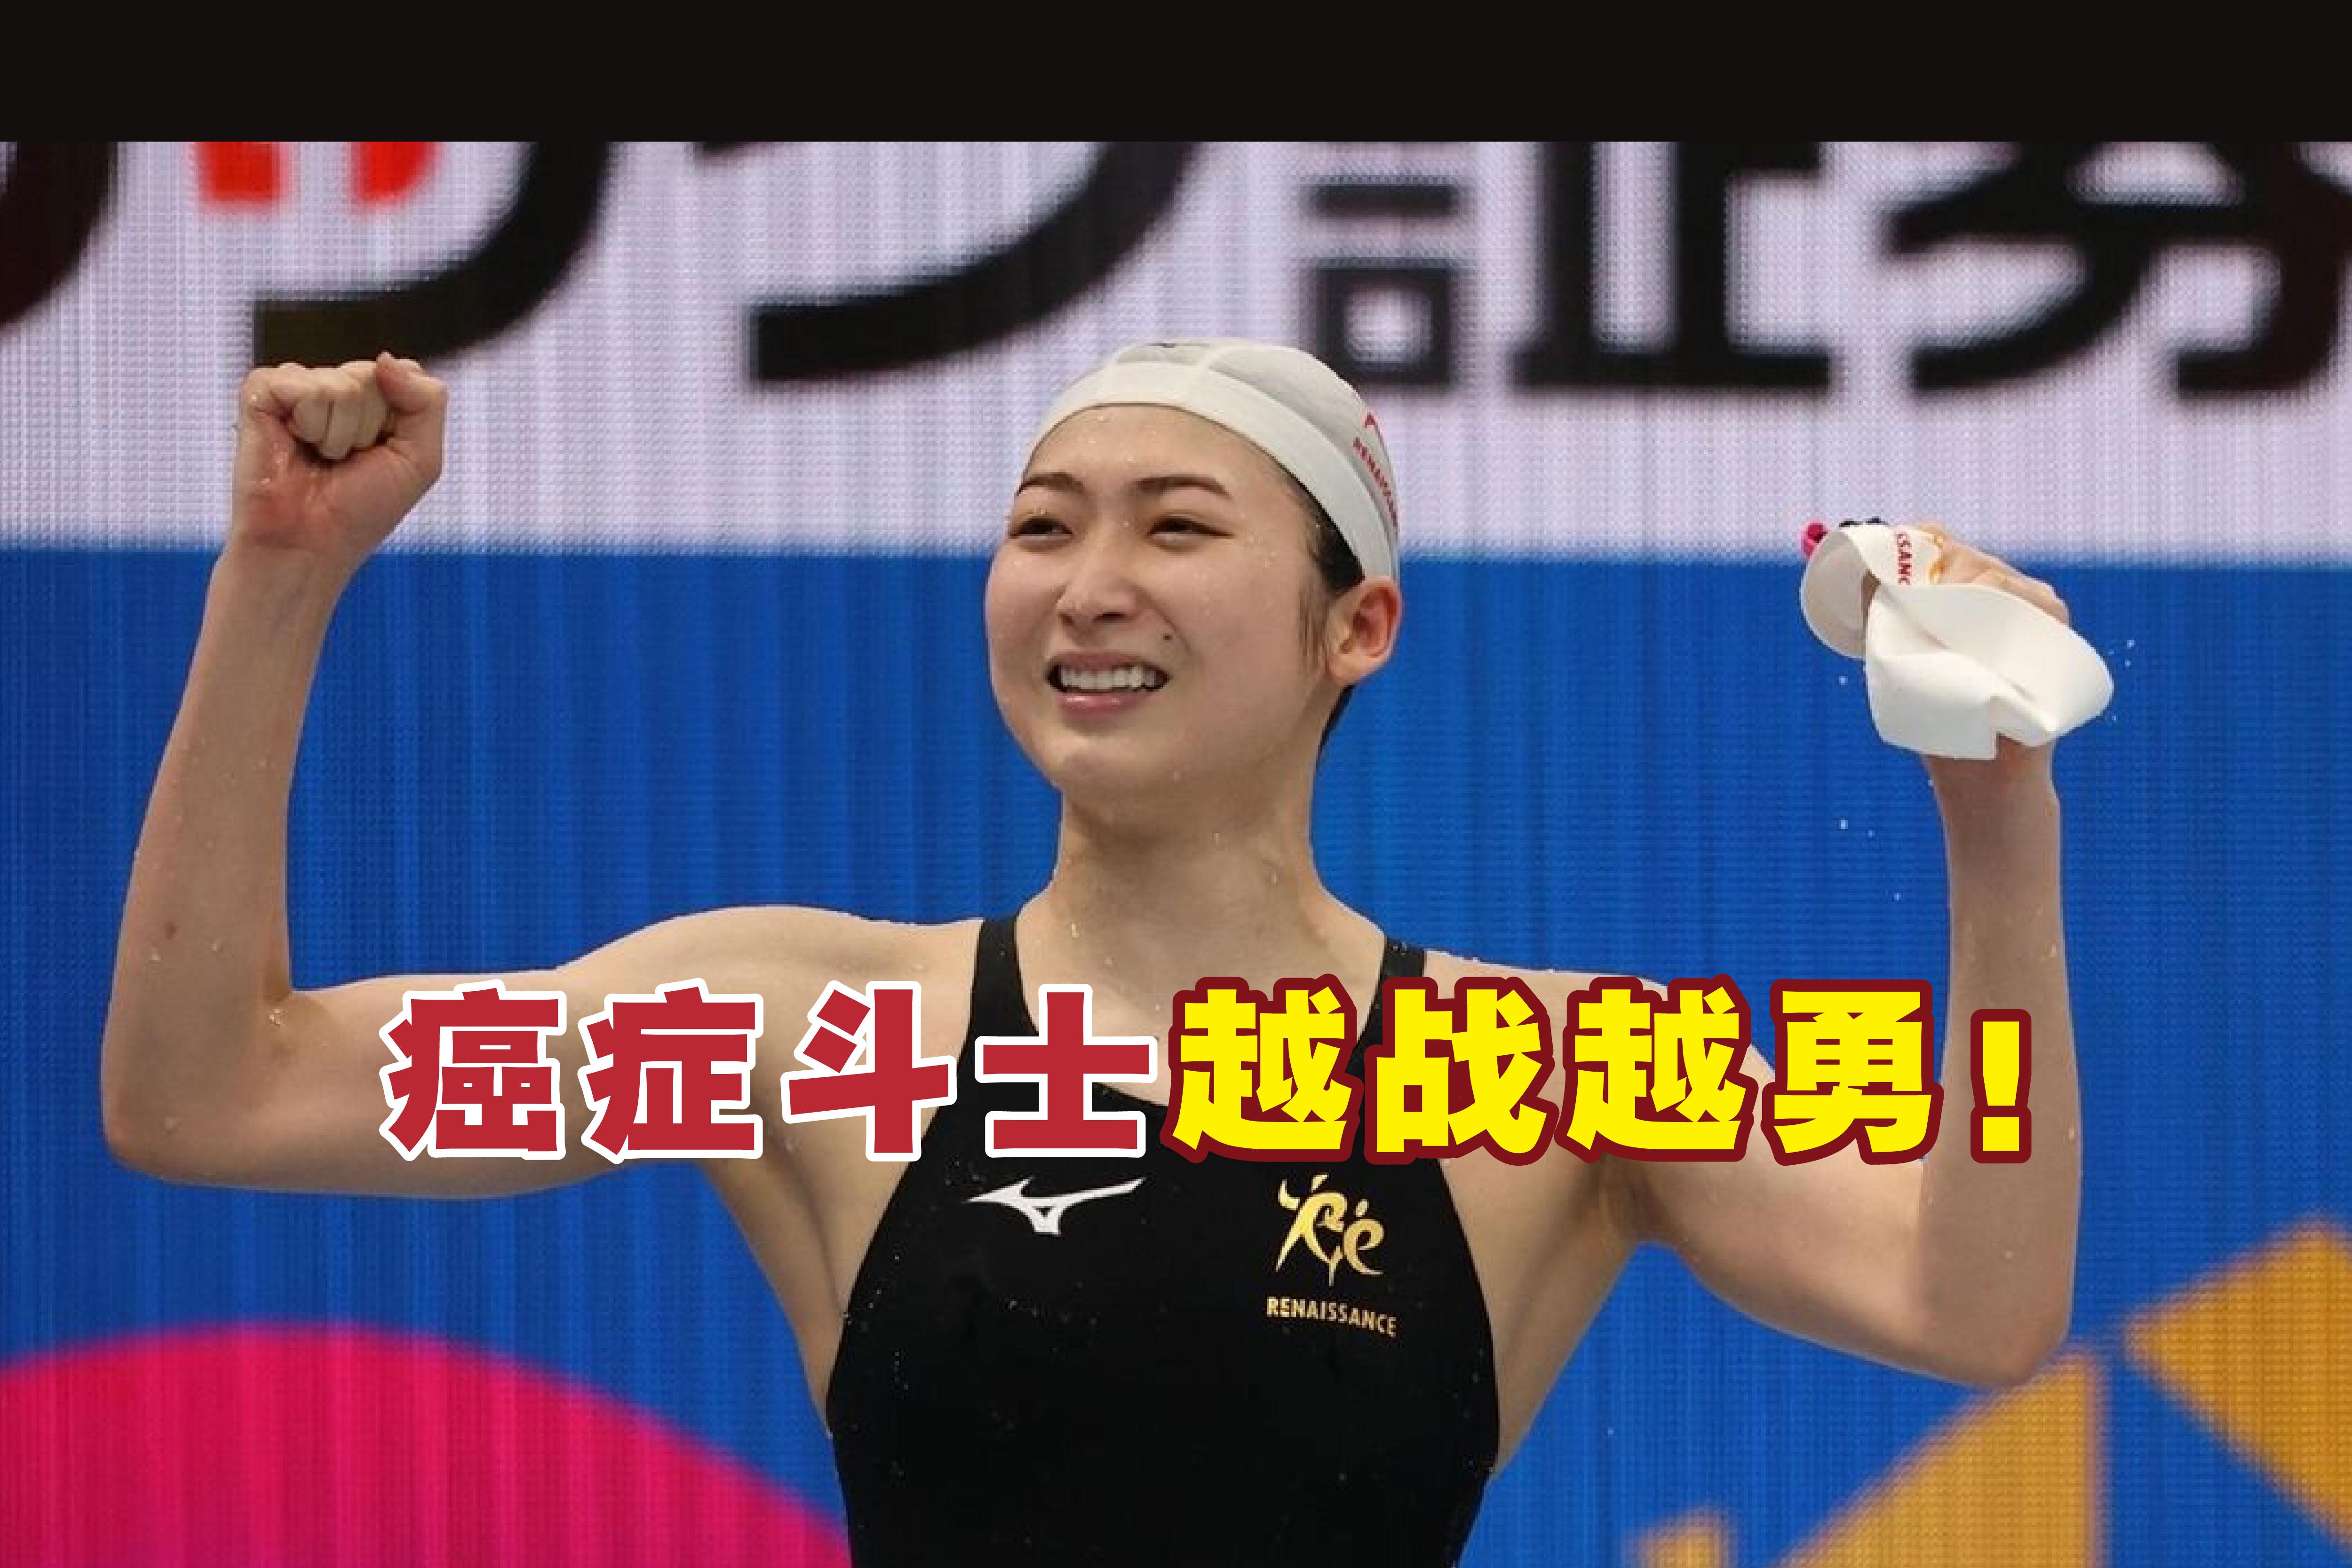 从血癌康复复出8个月的池江璃花子,连续拿下百米蝶泳和百米自由泳的东京奥运资格。-摘自国际泳联脸书/精彩大马制图-